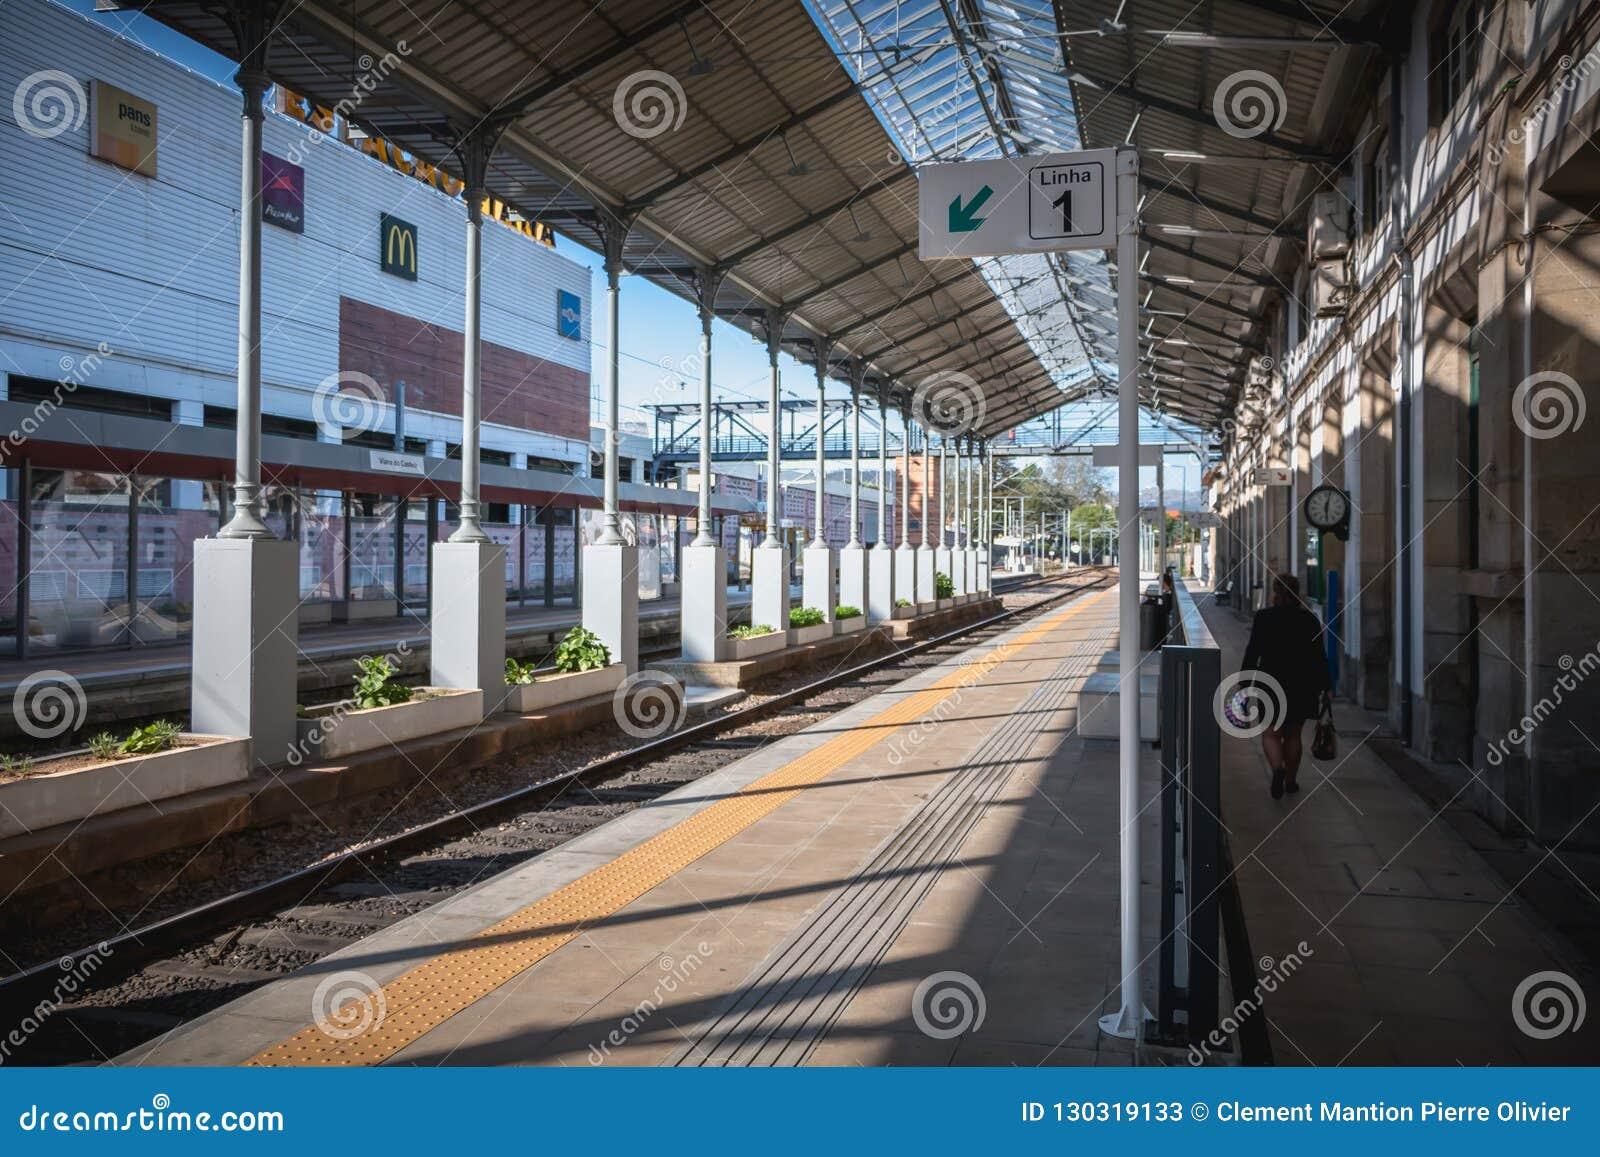 Dettaglio architettonico di piccola stazione ferroviaria di Viana do Castelo